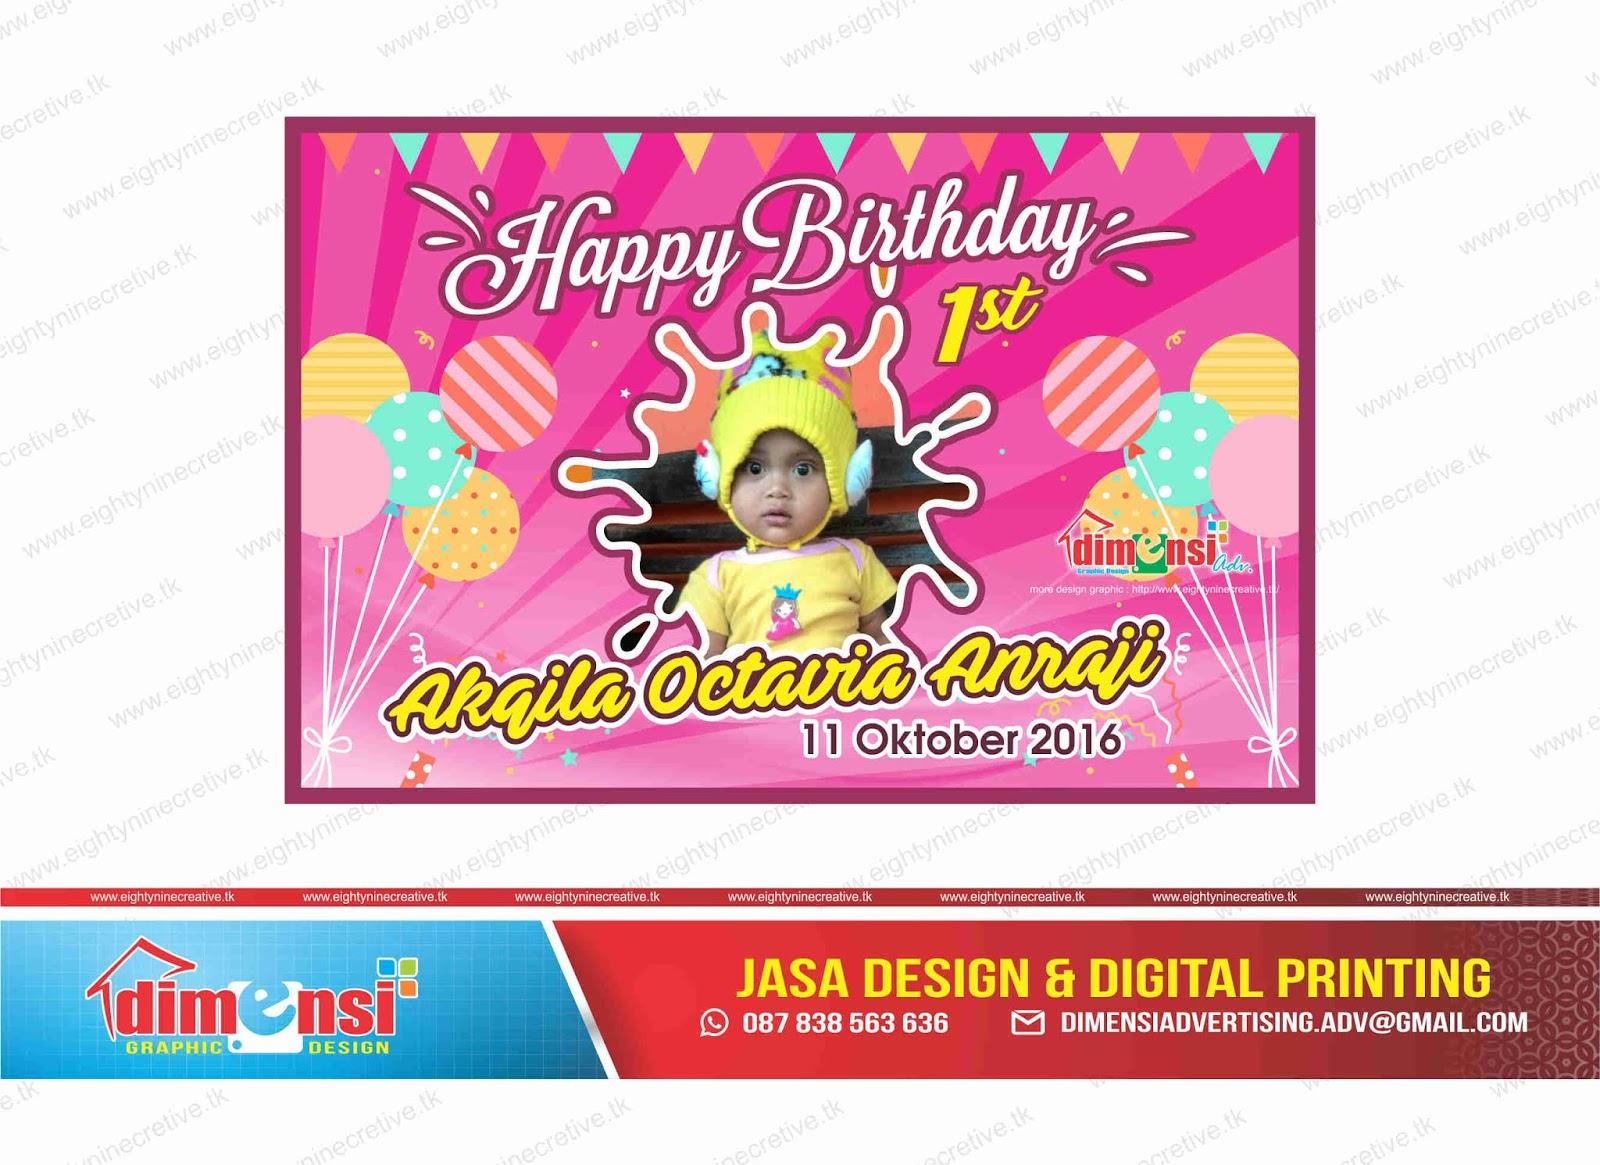 Download Contoh Spanduk Ulang Tahun Vector CDR - DIMENSI ...